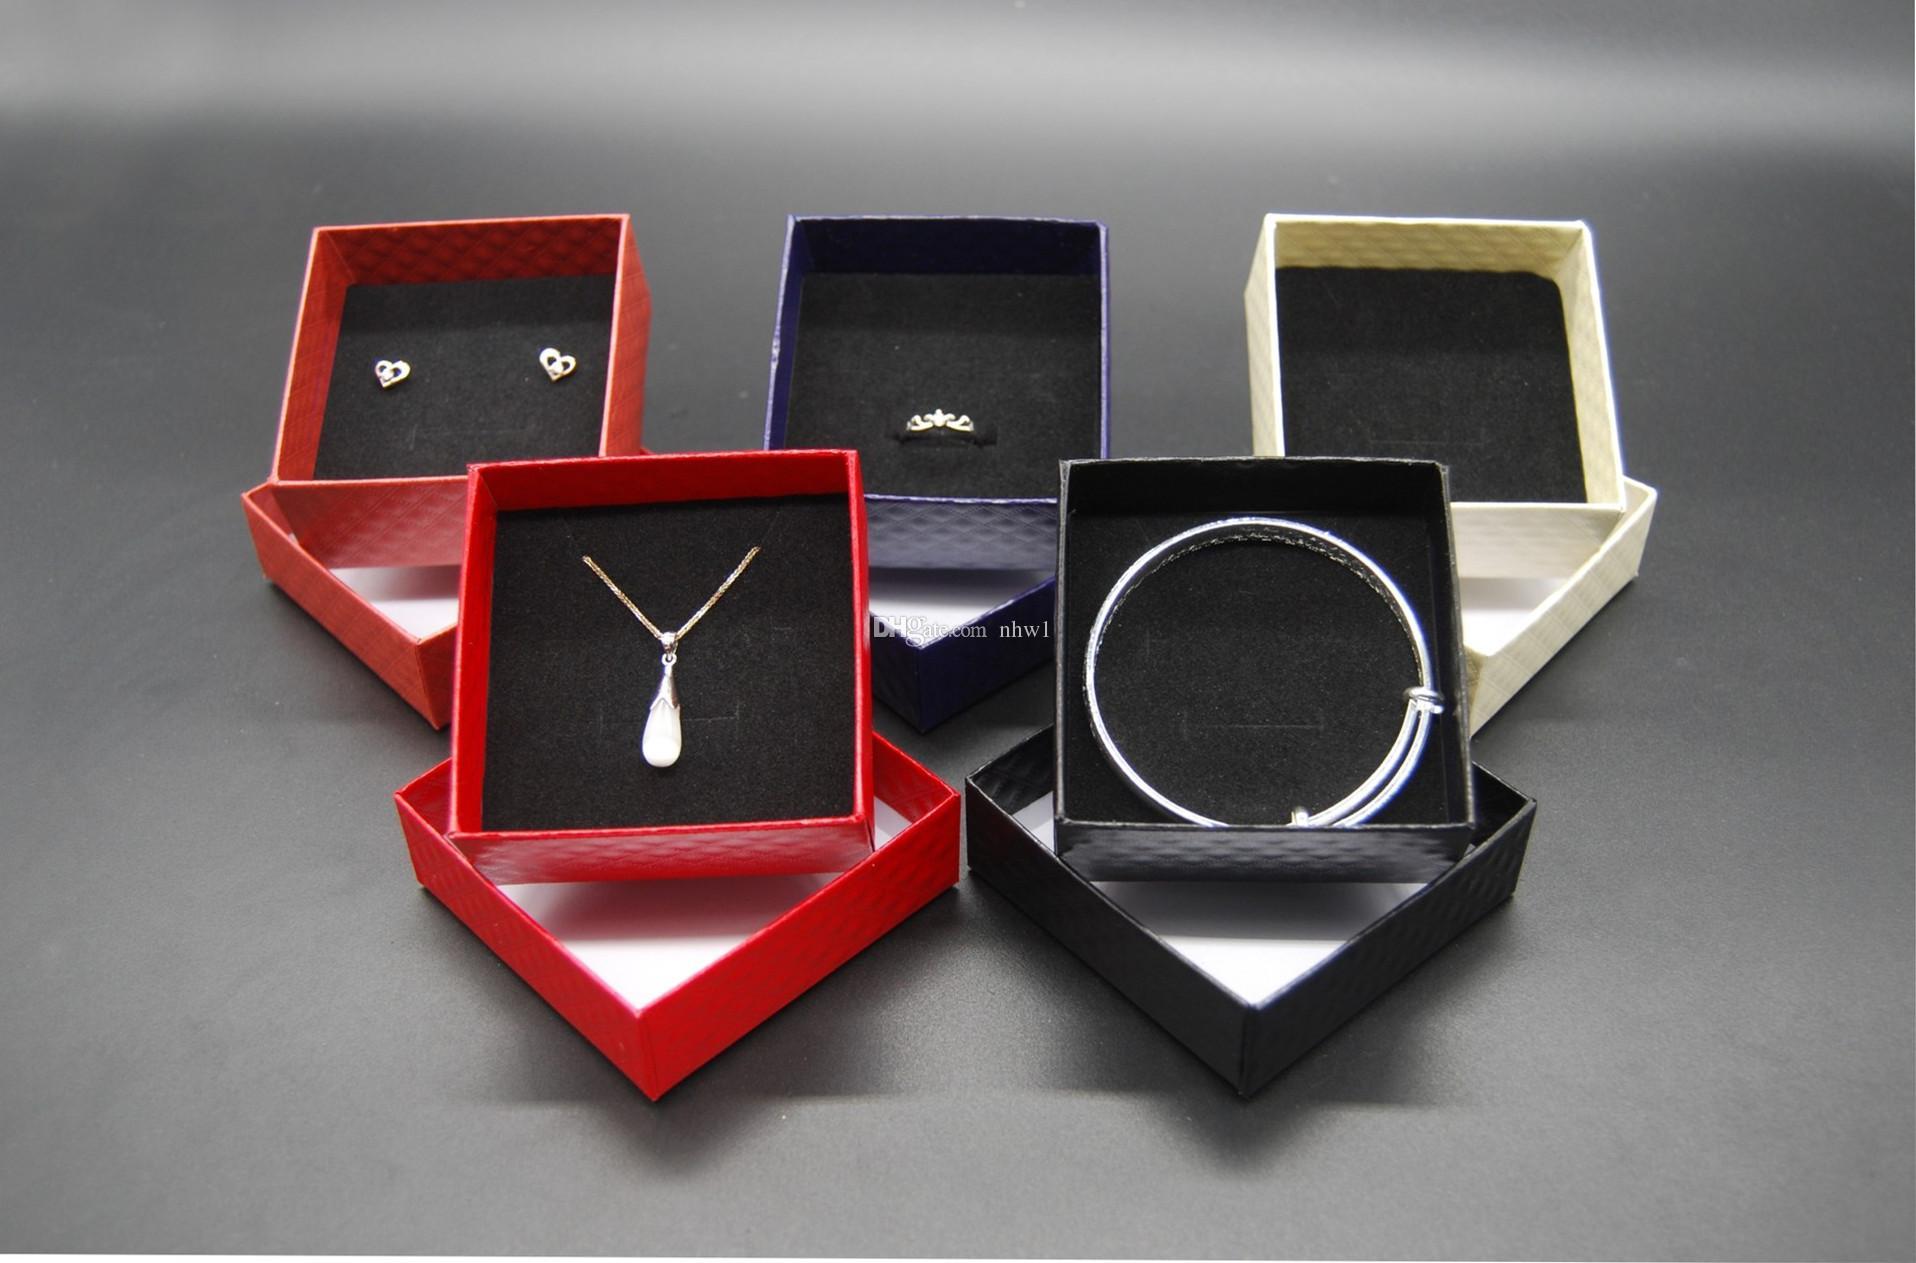 عرض المجوهرات الساخنة الحالات كرتون قلادة أقراط الطوق سوار المجوهرات مربع مجموعات تغليف علبة هدية مع الإسفنج